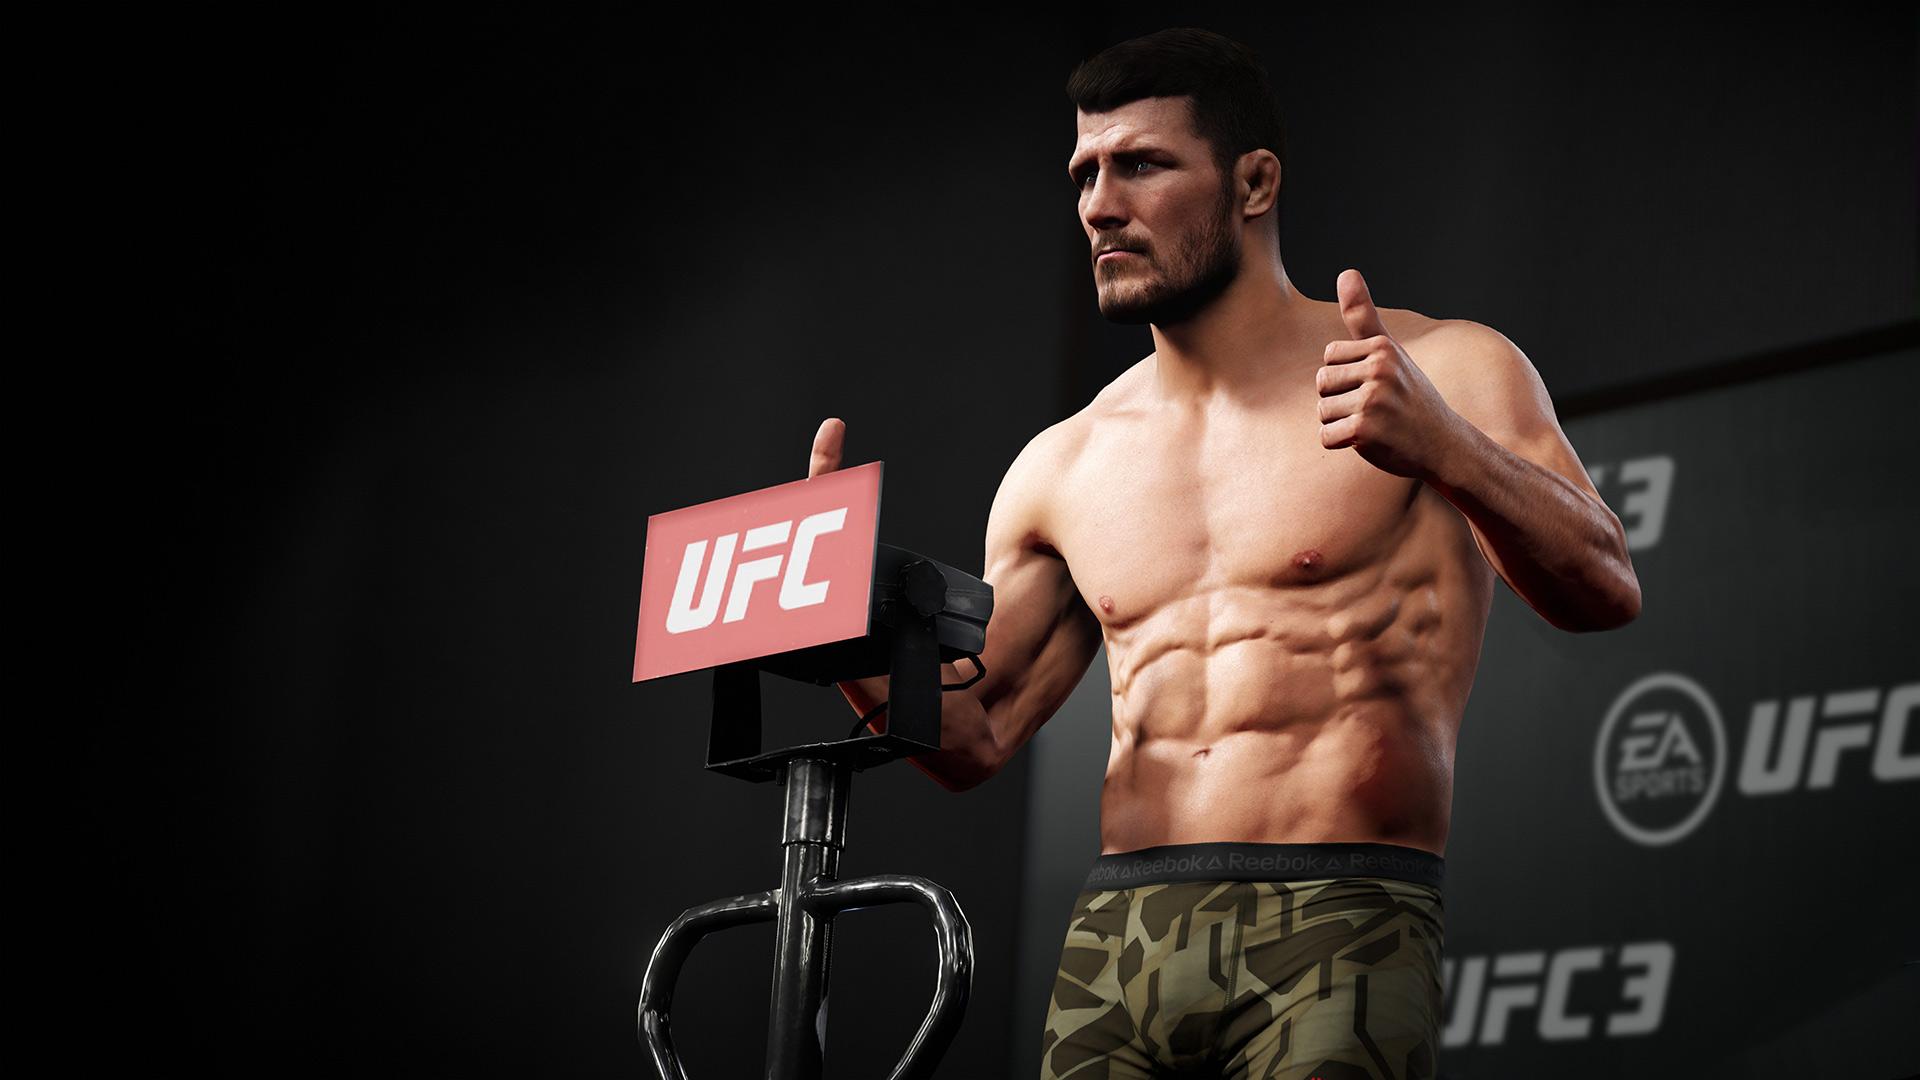 Скриншот №2 к EA SPORTS UFC 3